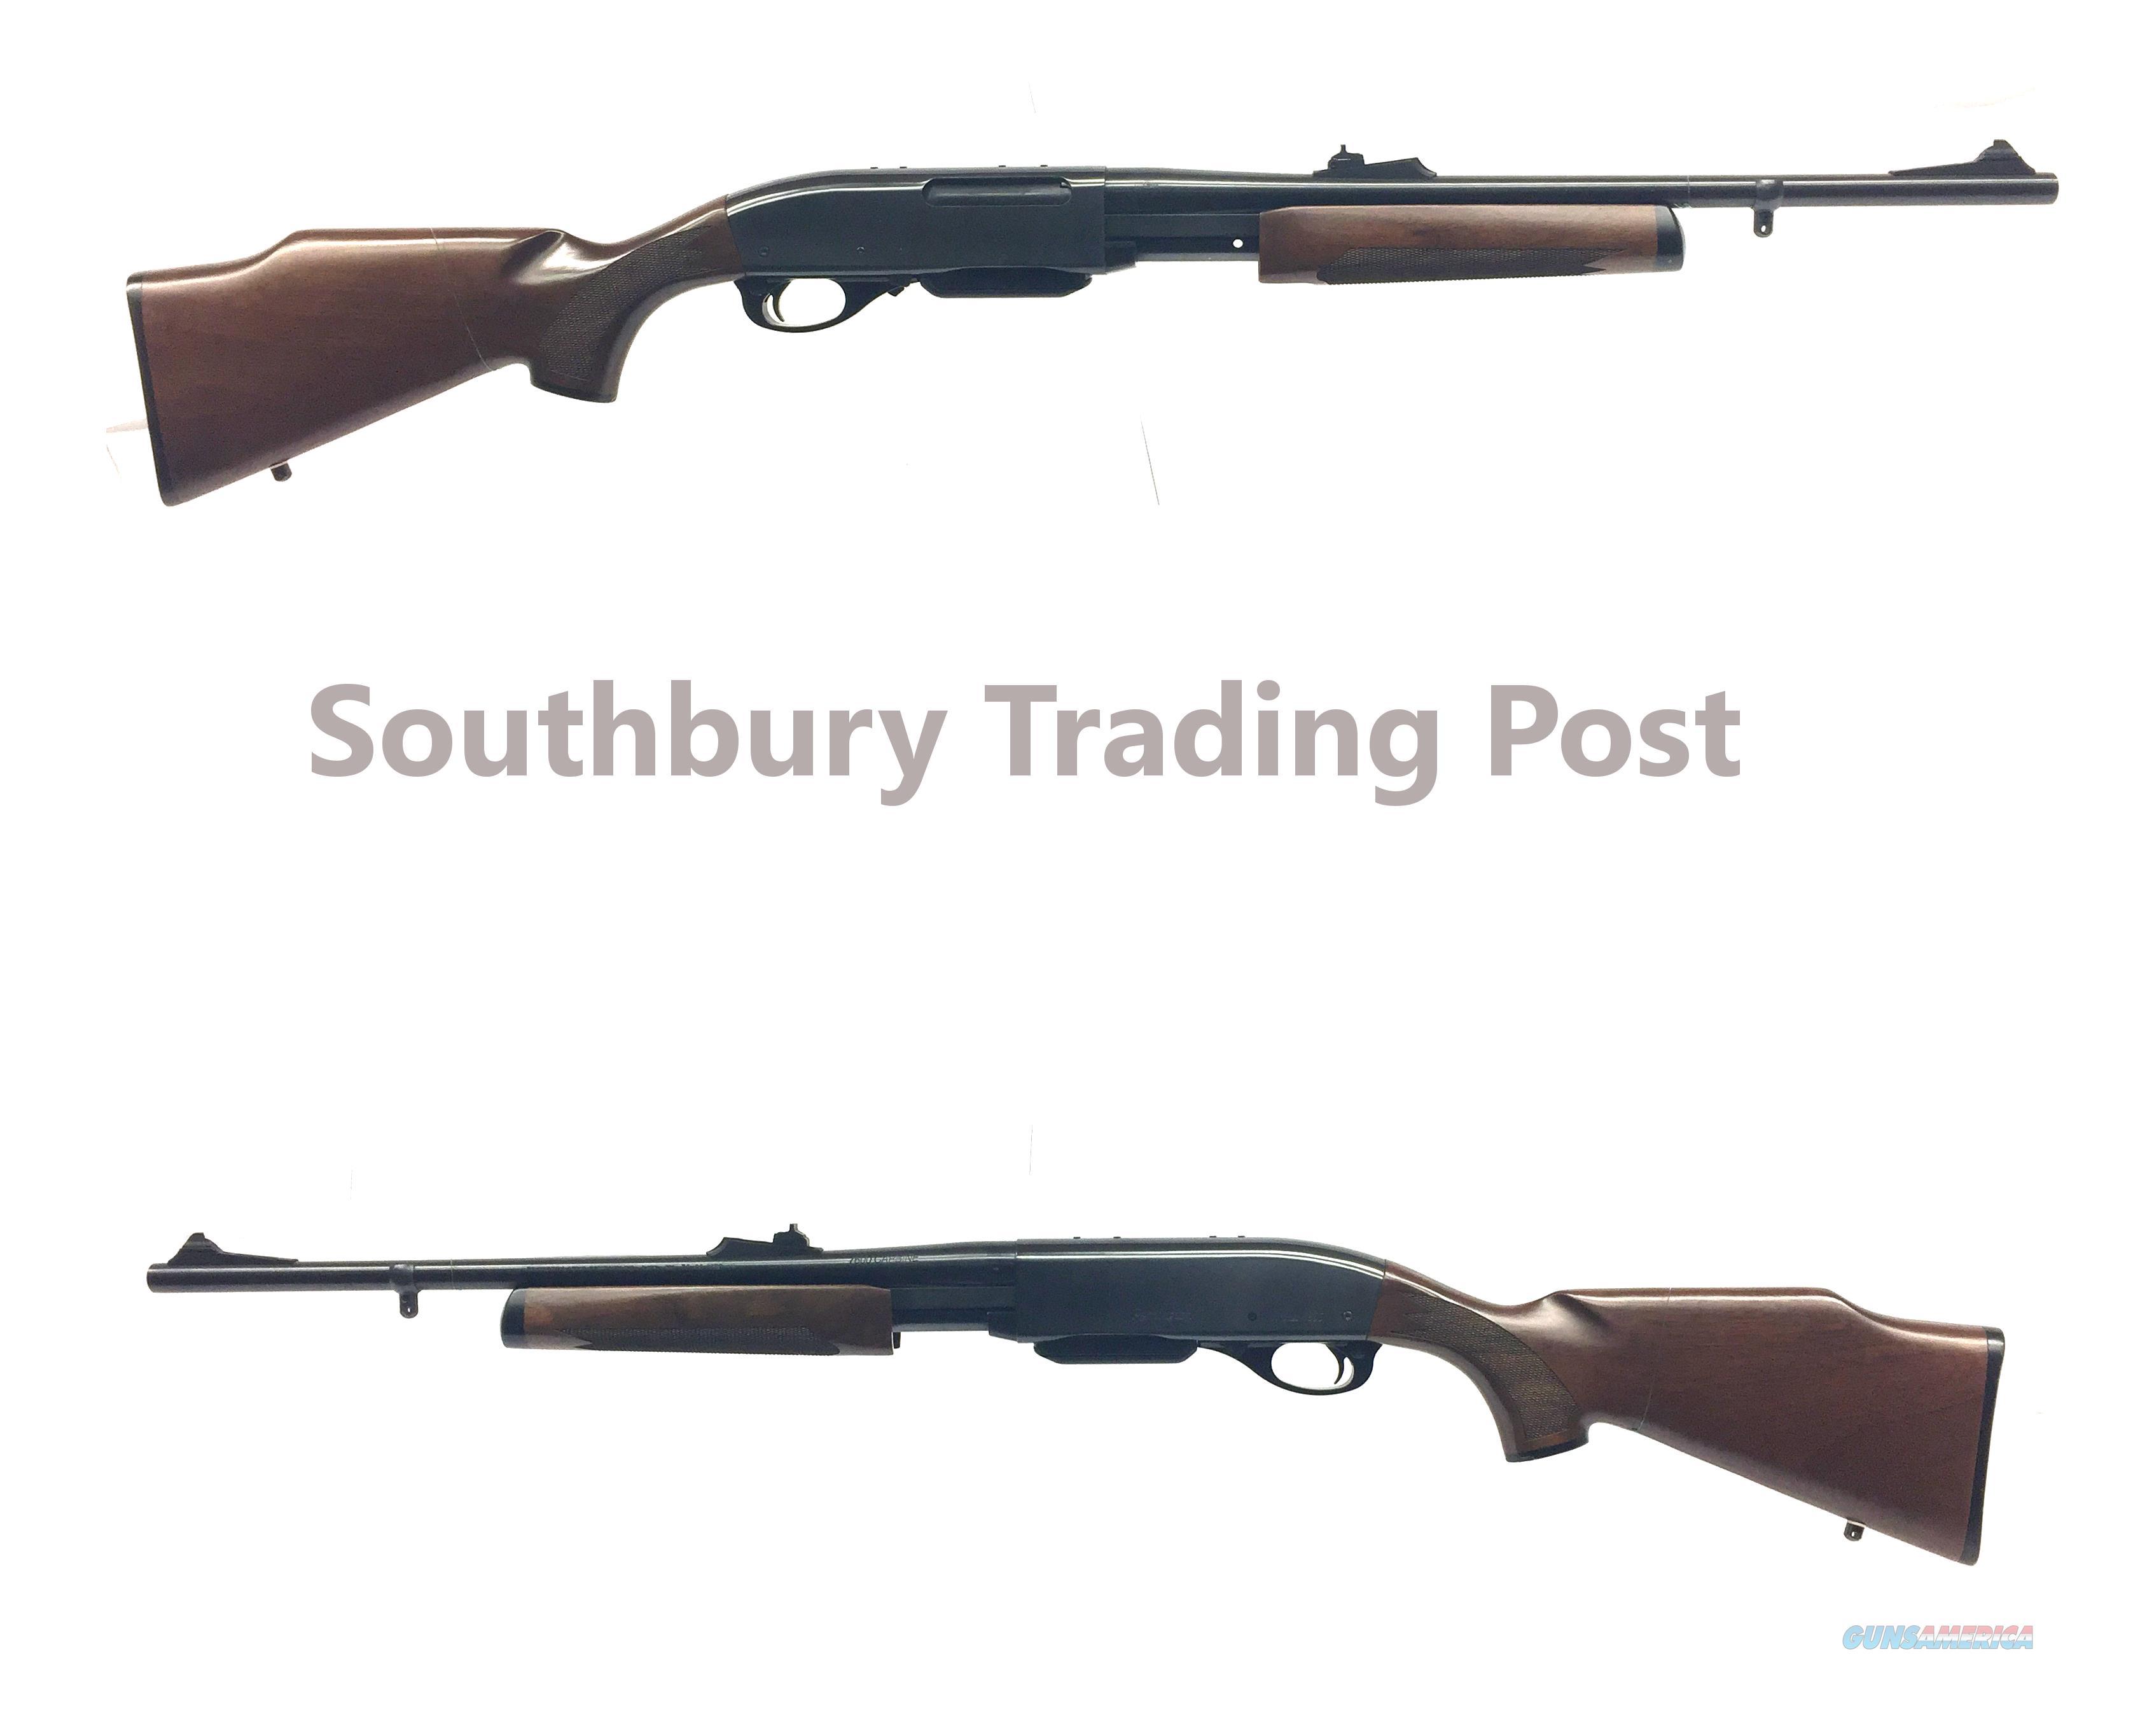 Remington 7600 Center-fire Pump-Action Carbine ... for sale